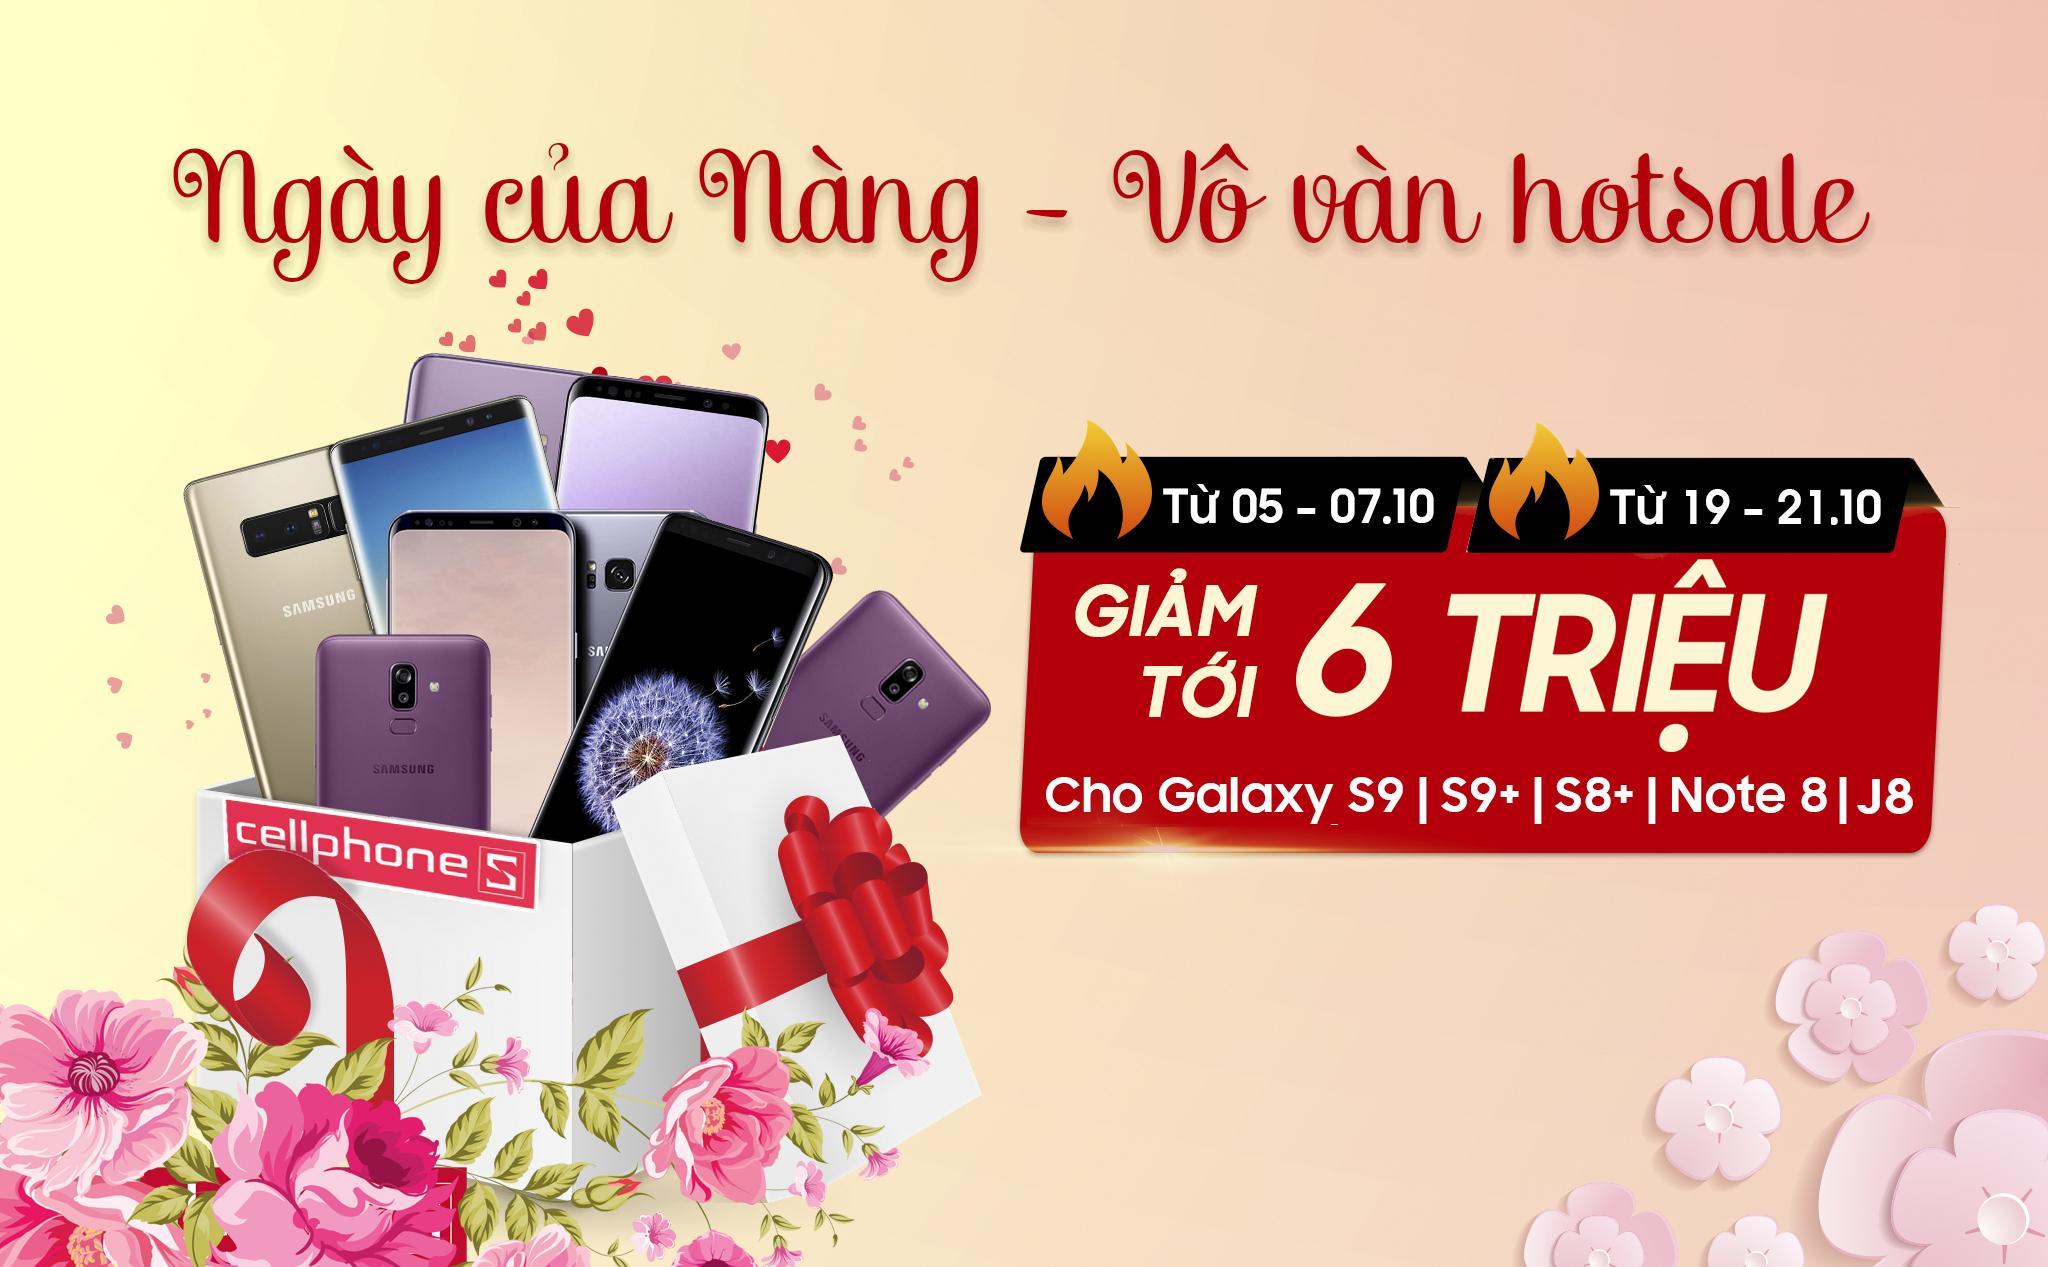 Bạn đã sắm Samsung Galaxy để tặng người phụ nữ của mình vào ngày 20/10 chưa?